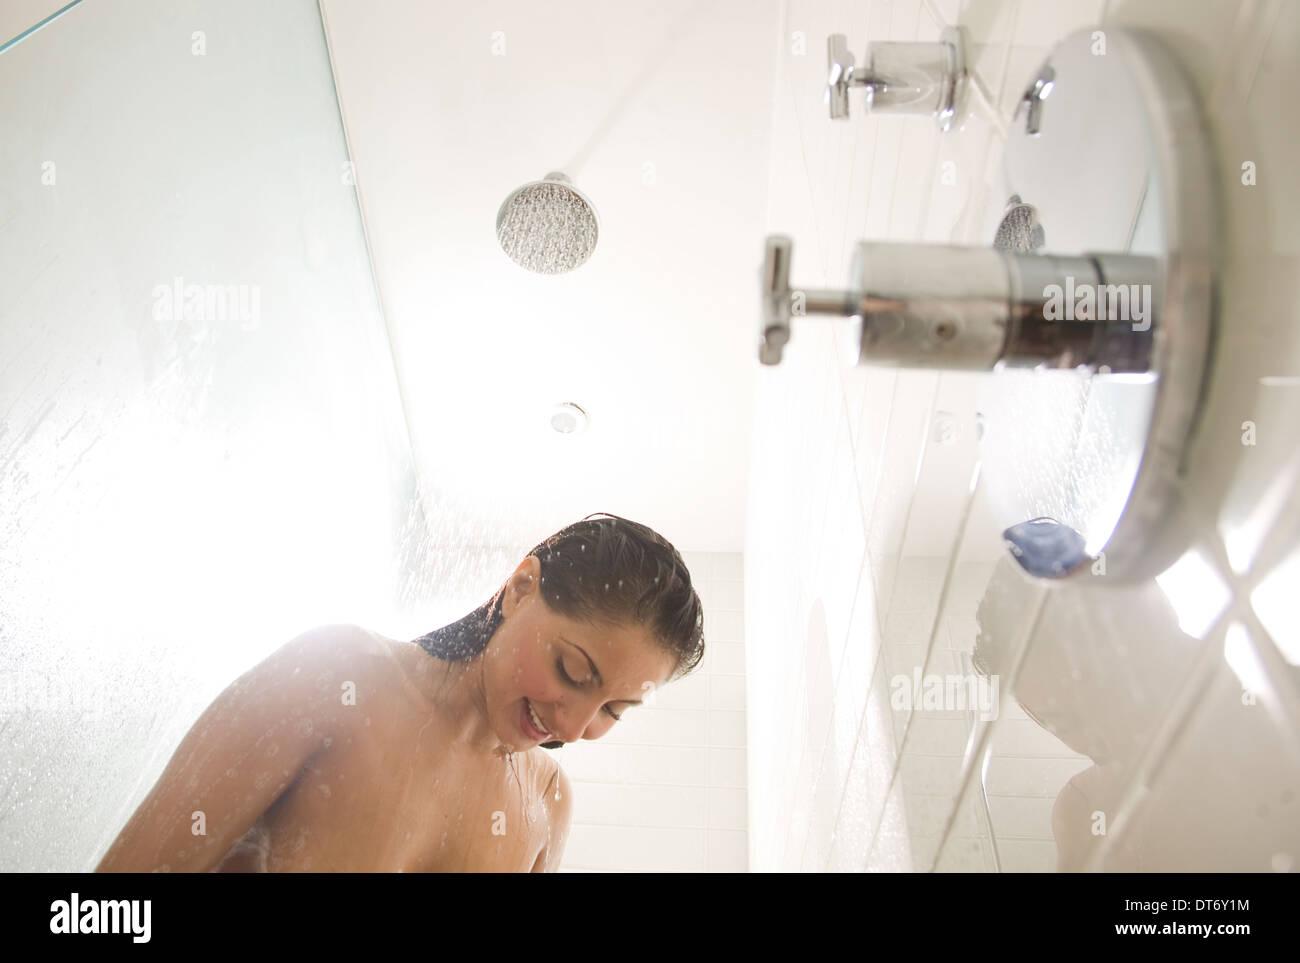 Duschen frauen nackt beim Nackte Weiber